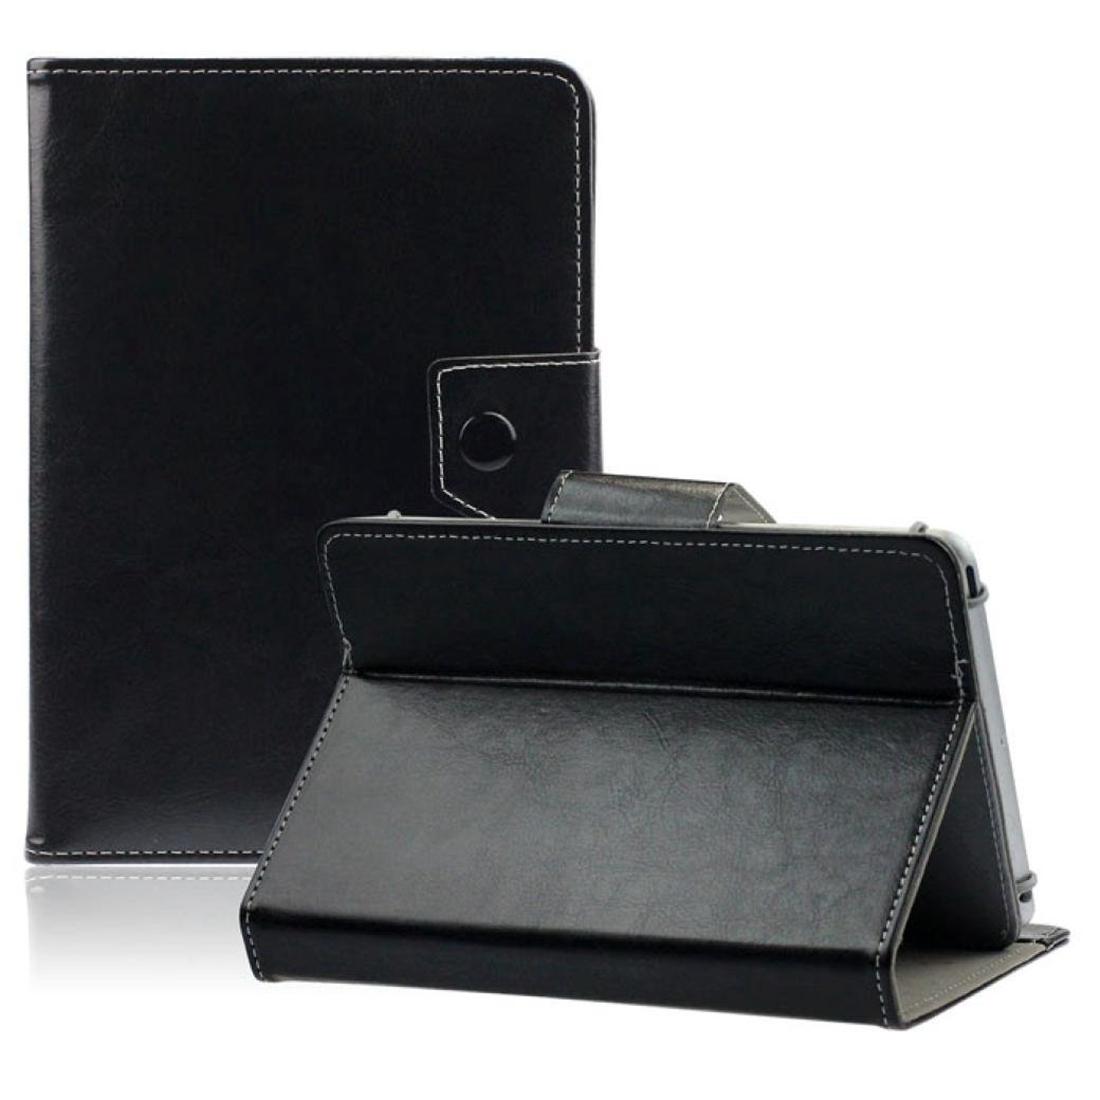 9 tablet pc abdeckung pu leder kristall gehaeuse. Black Bedroom Furniture Sets. Home Design Ideas